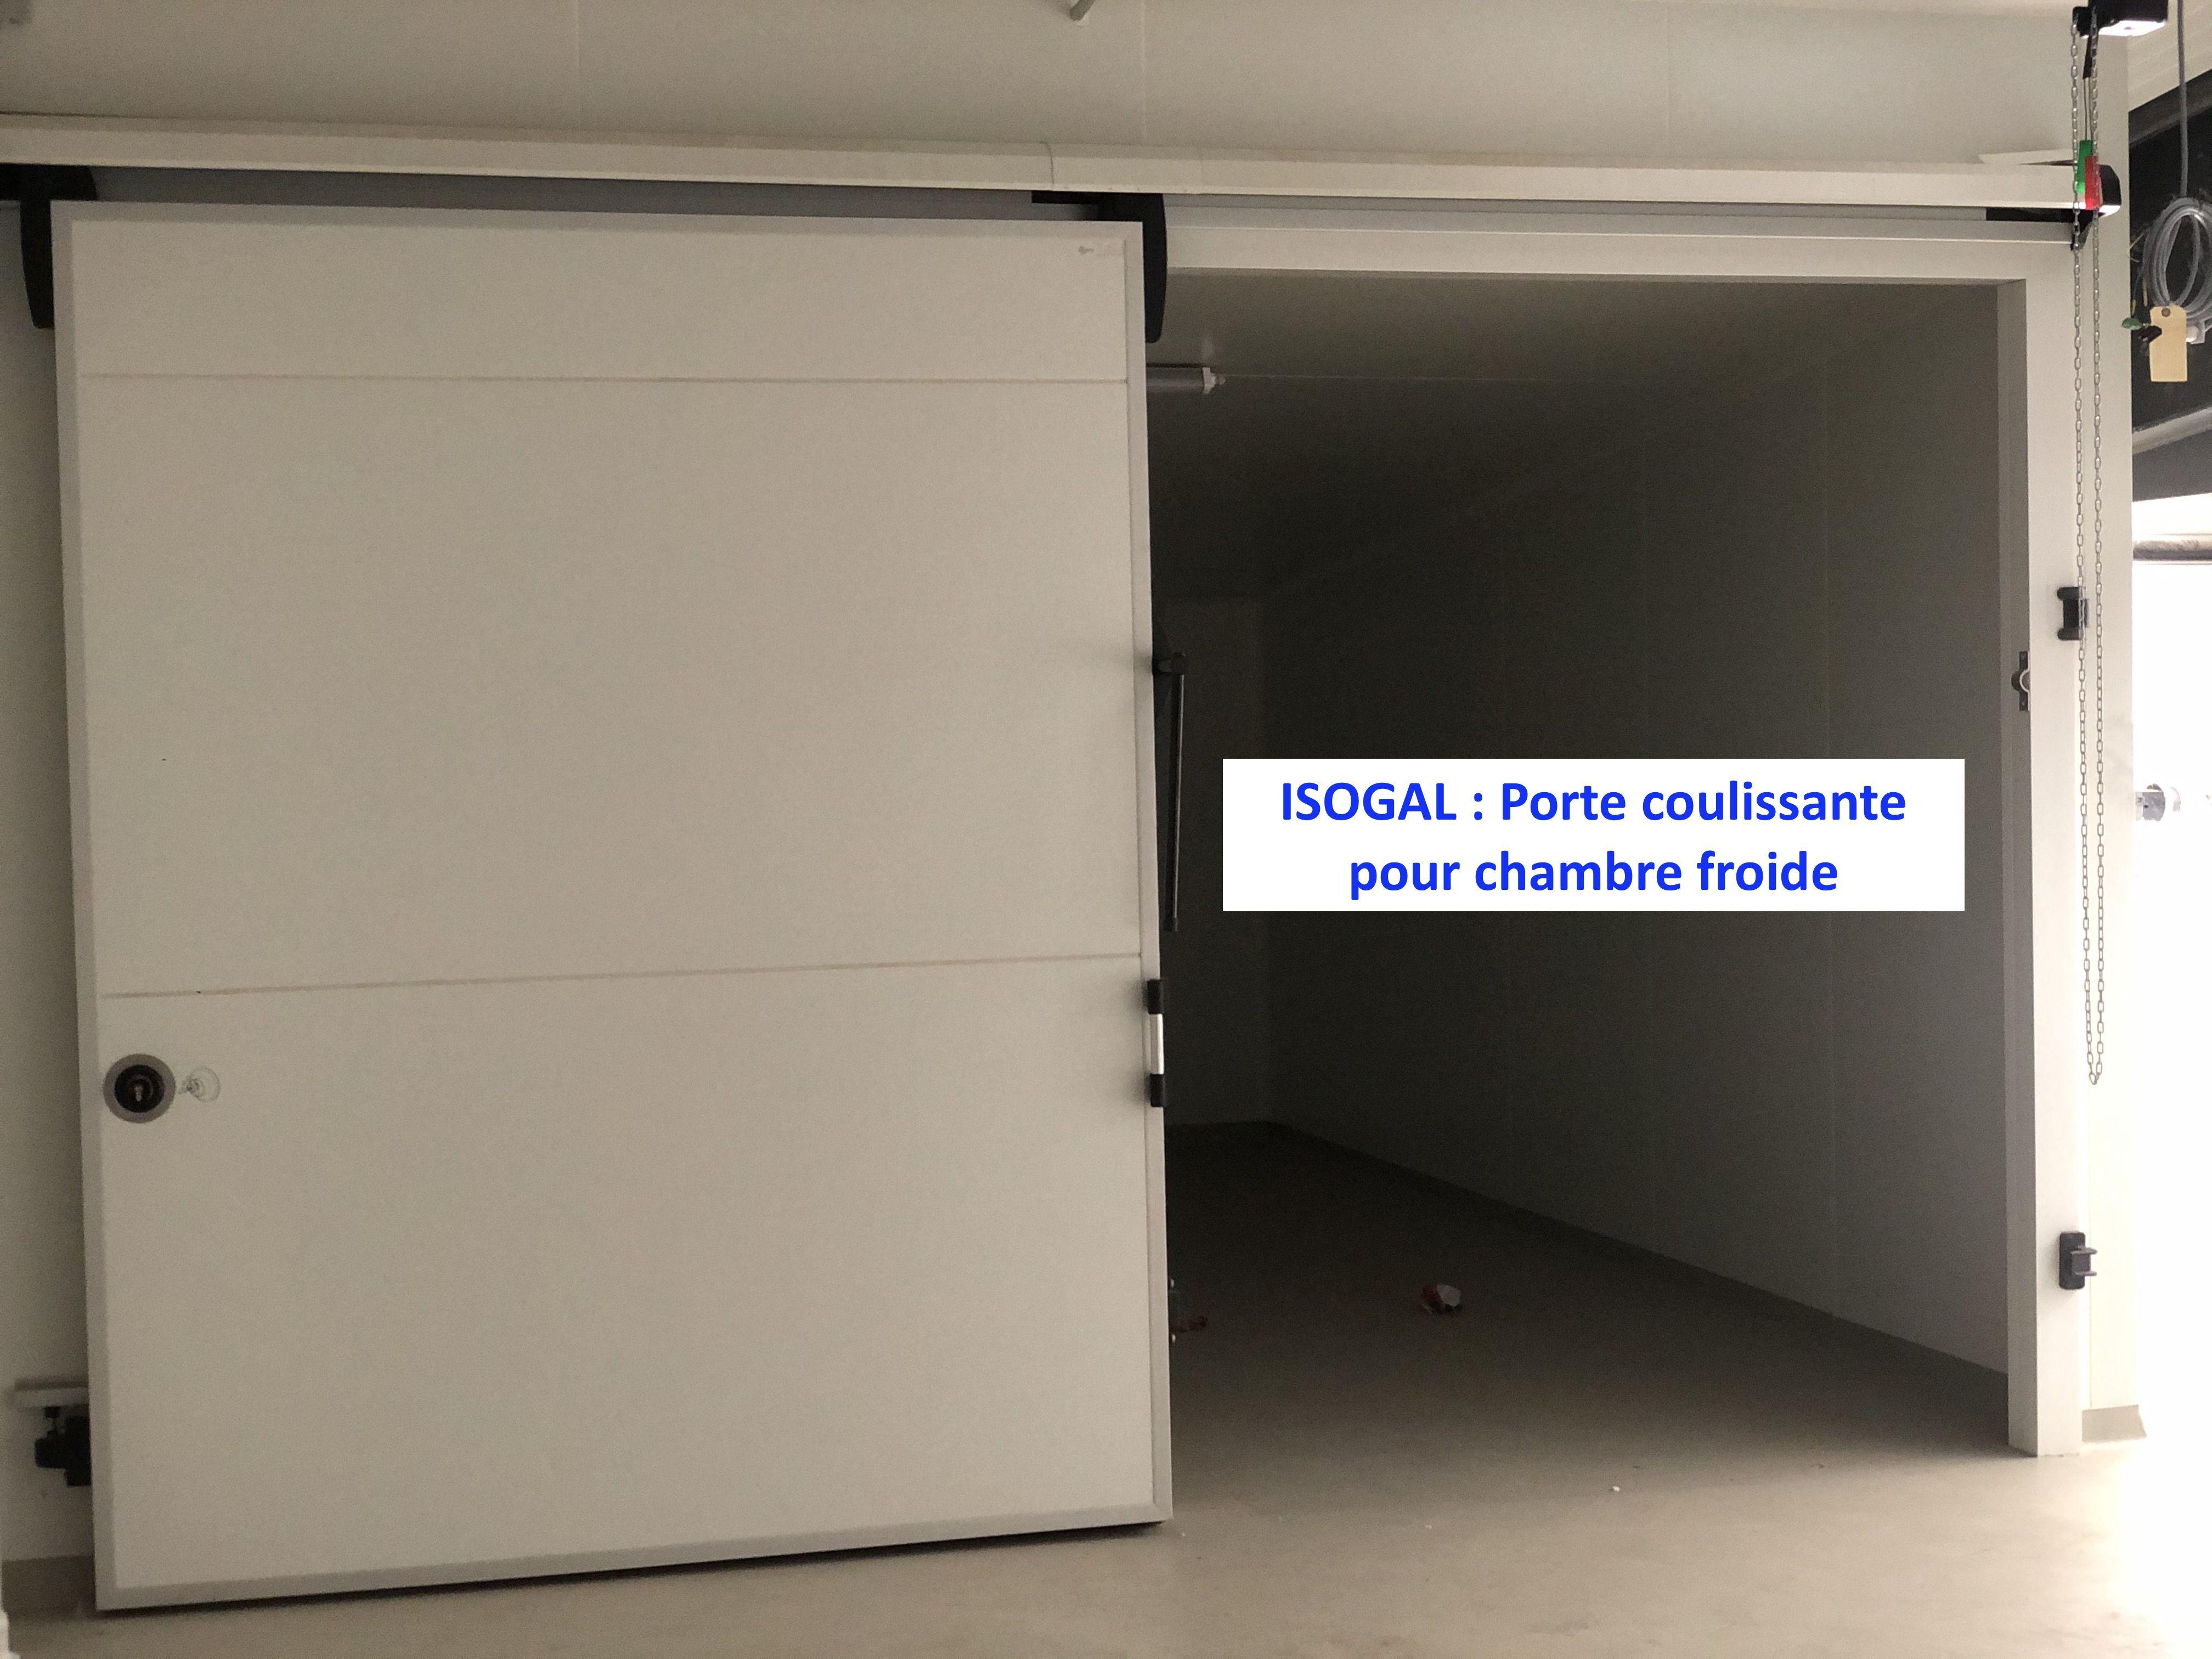 Porte Coulissante De Chambre Froide En 2020 Chambre Froide Plaque Pvc Porte Coulissante